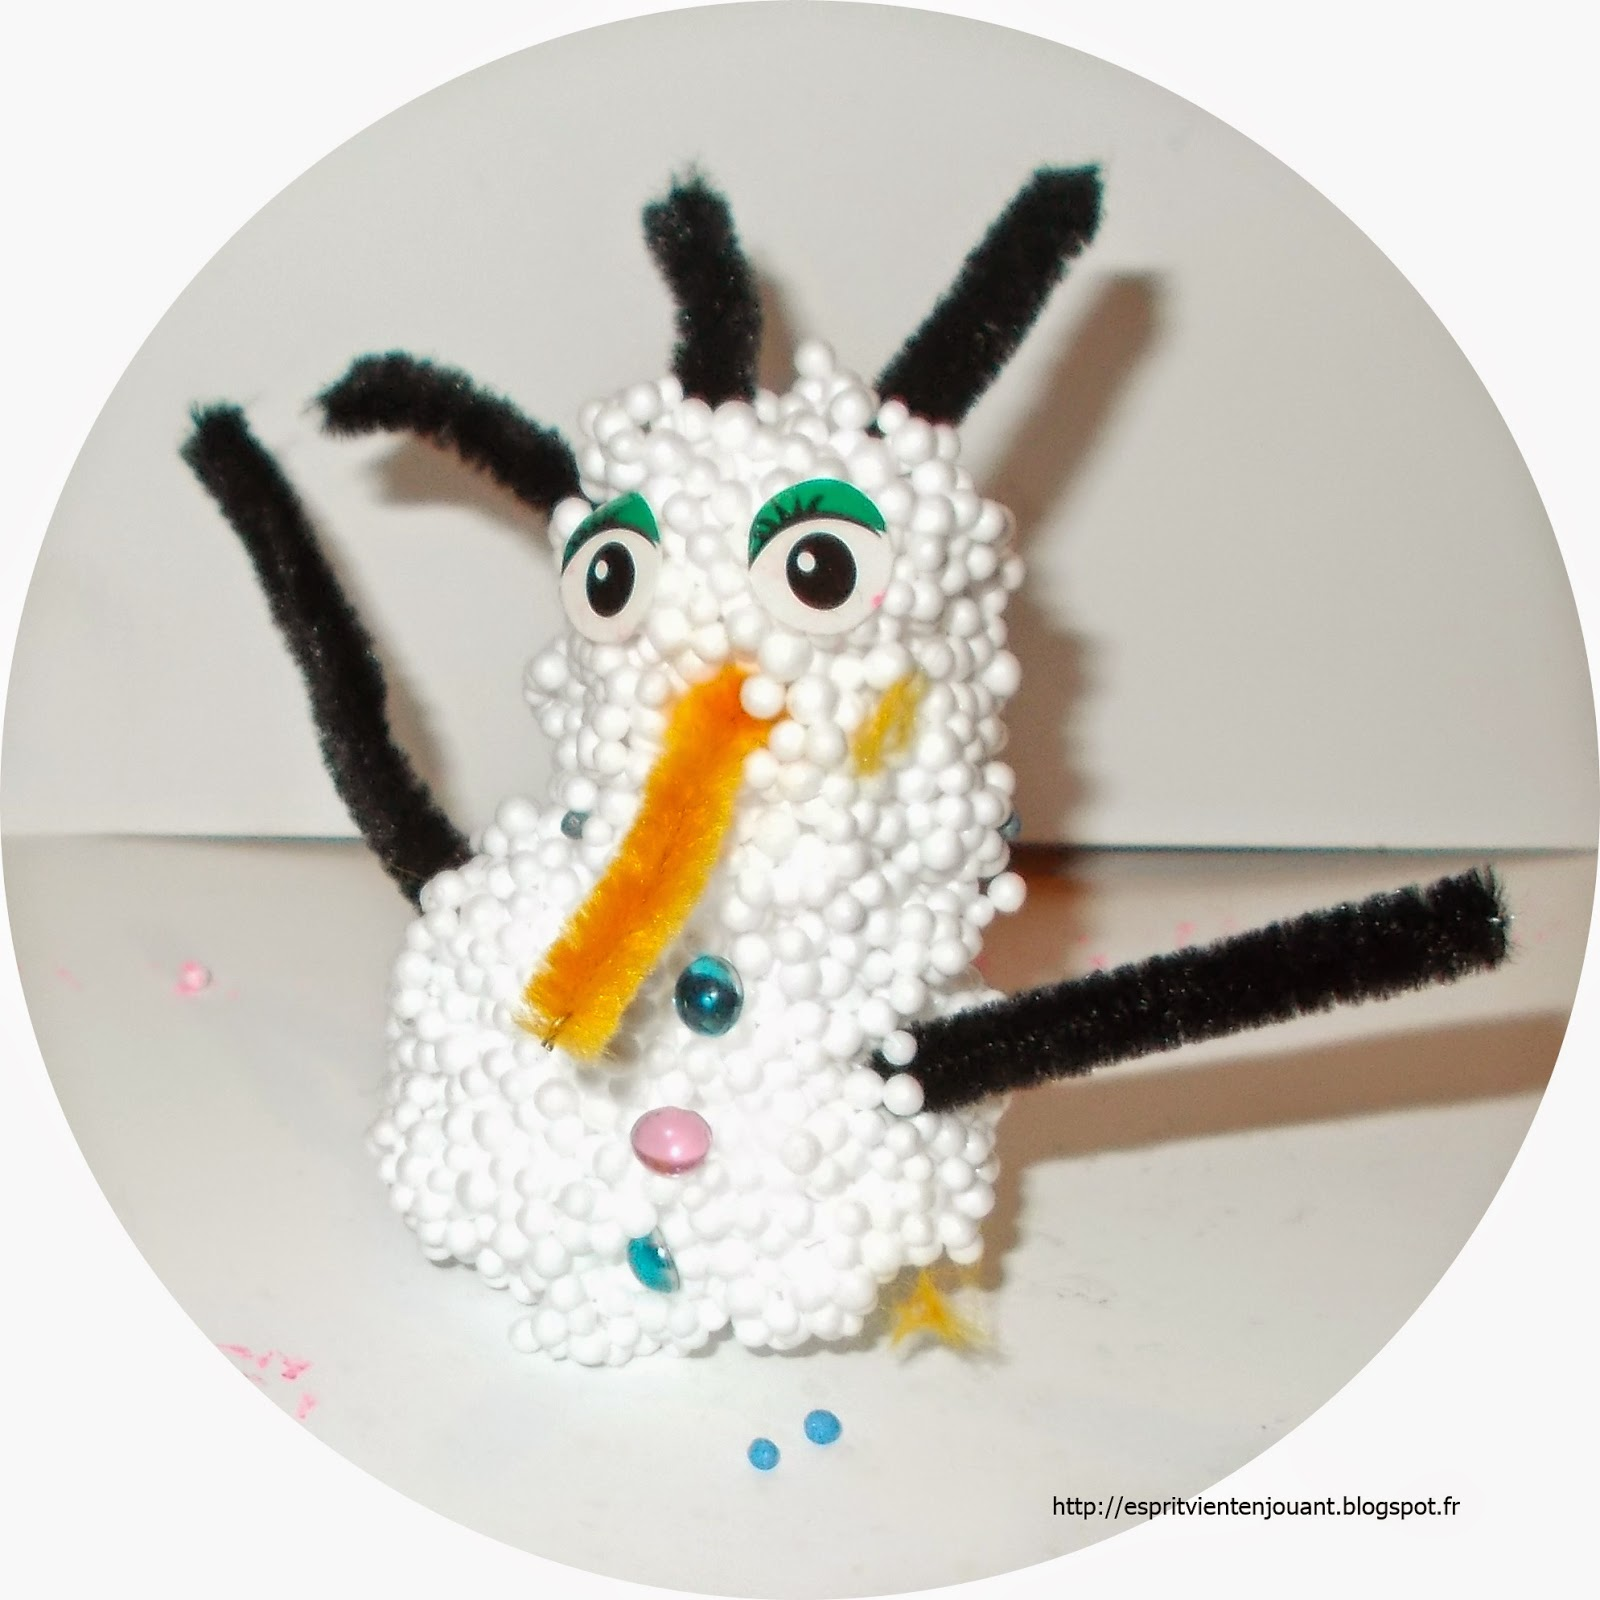 Un bonhomme de neige en porcelaine froide recette le pays des merveilles - Bonhomme de neige en polystyrene ...